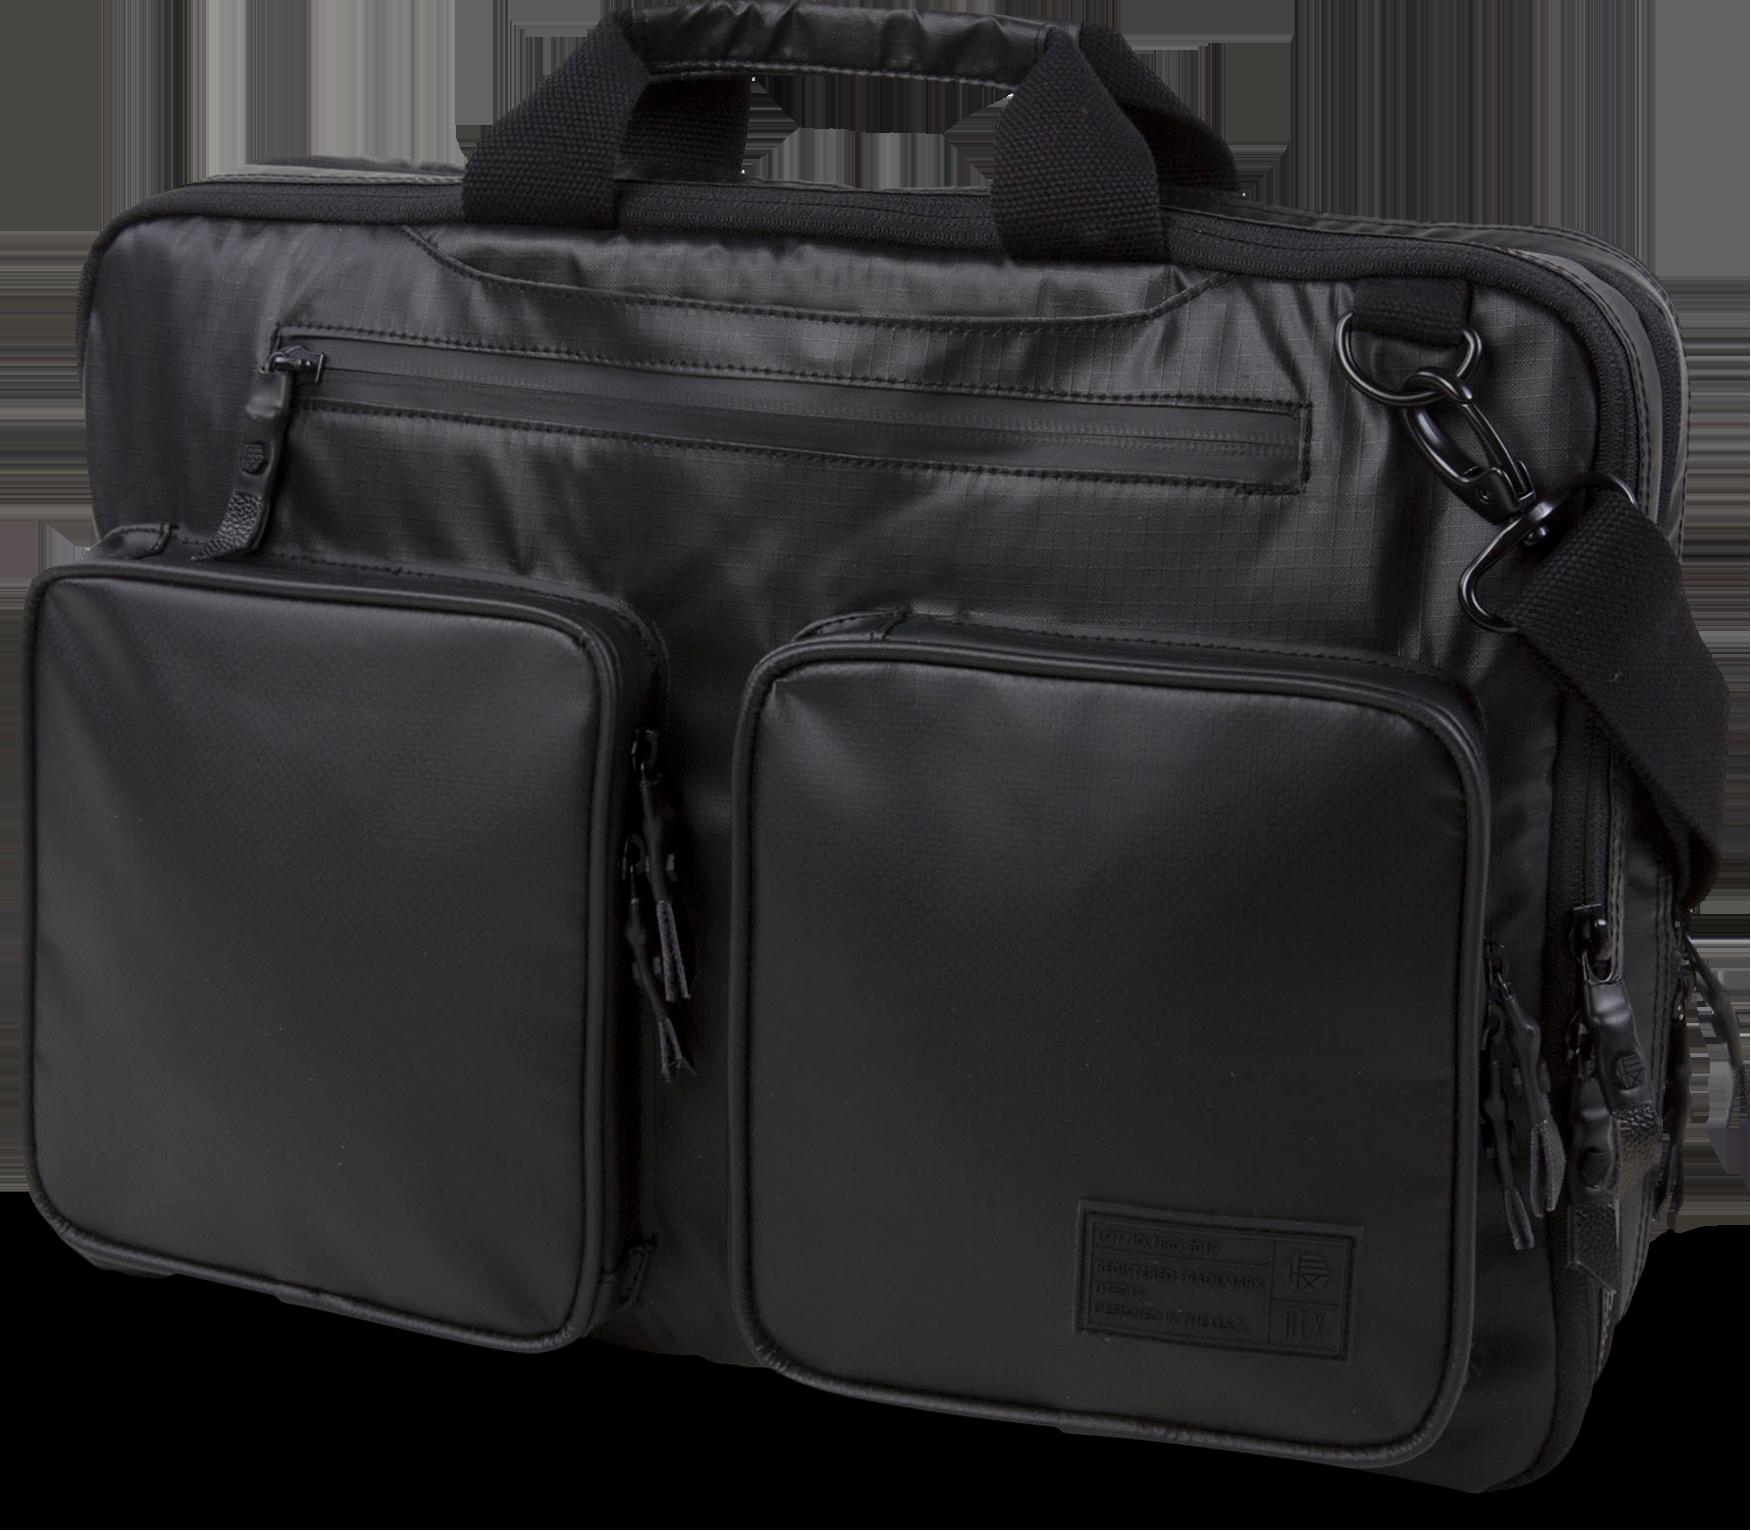 HEX Nero Expandable Laptop Briefcase